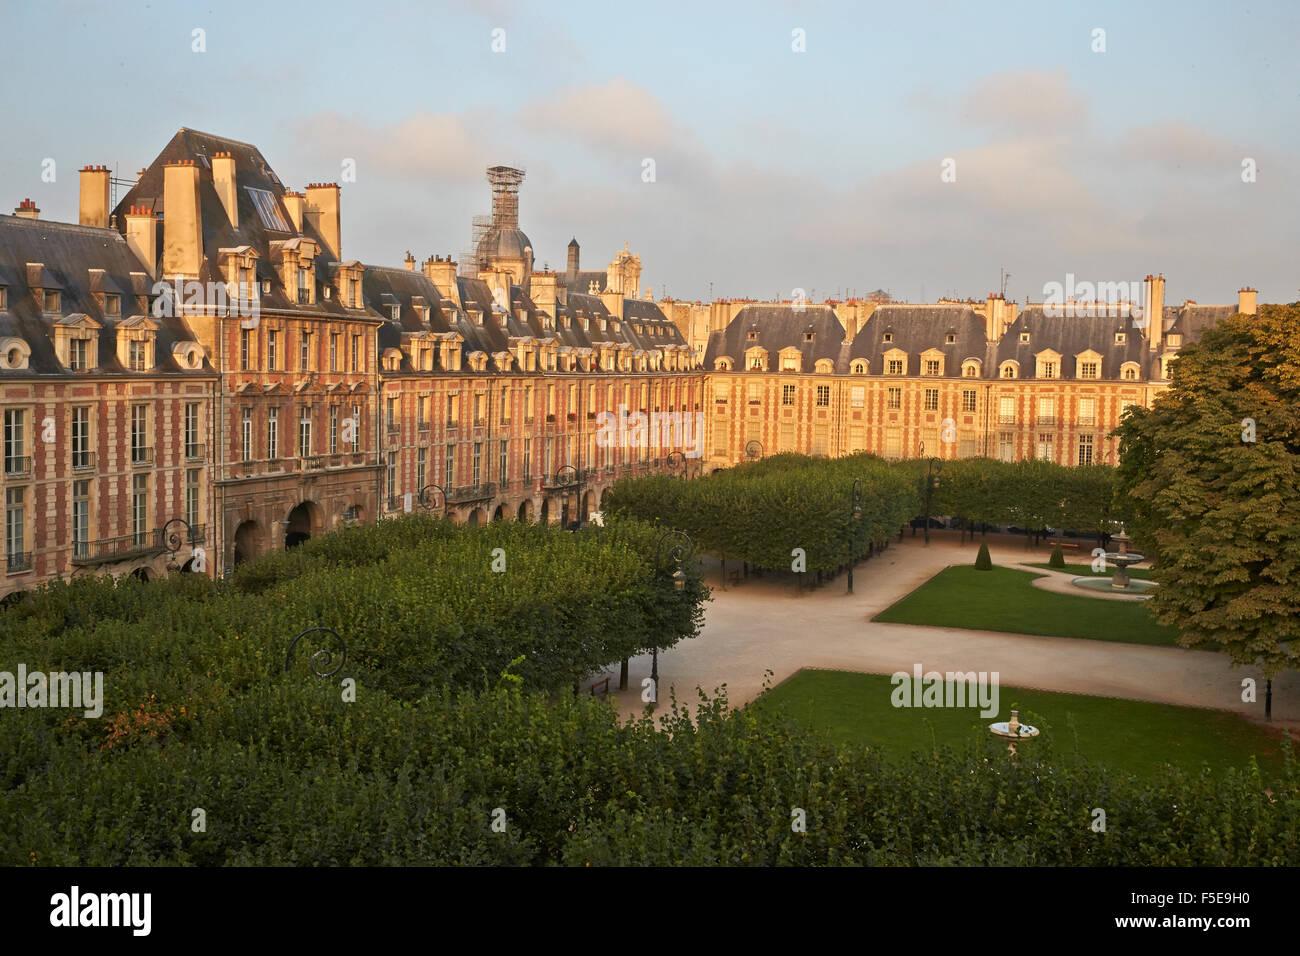 Blick auf den Place des Vosges, Paris, Frankreich, Europa Stockbild